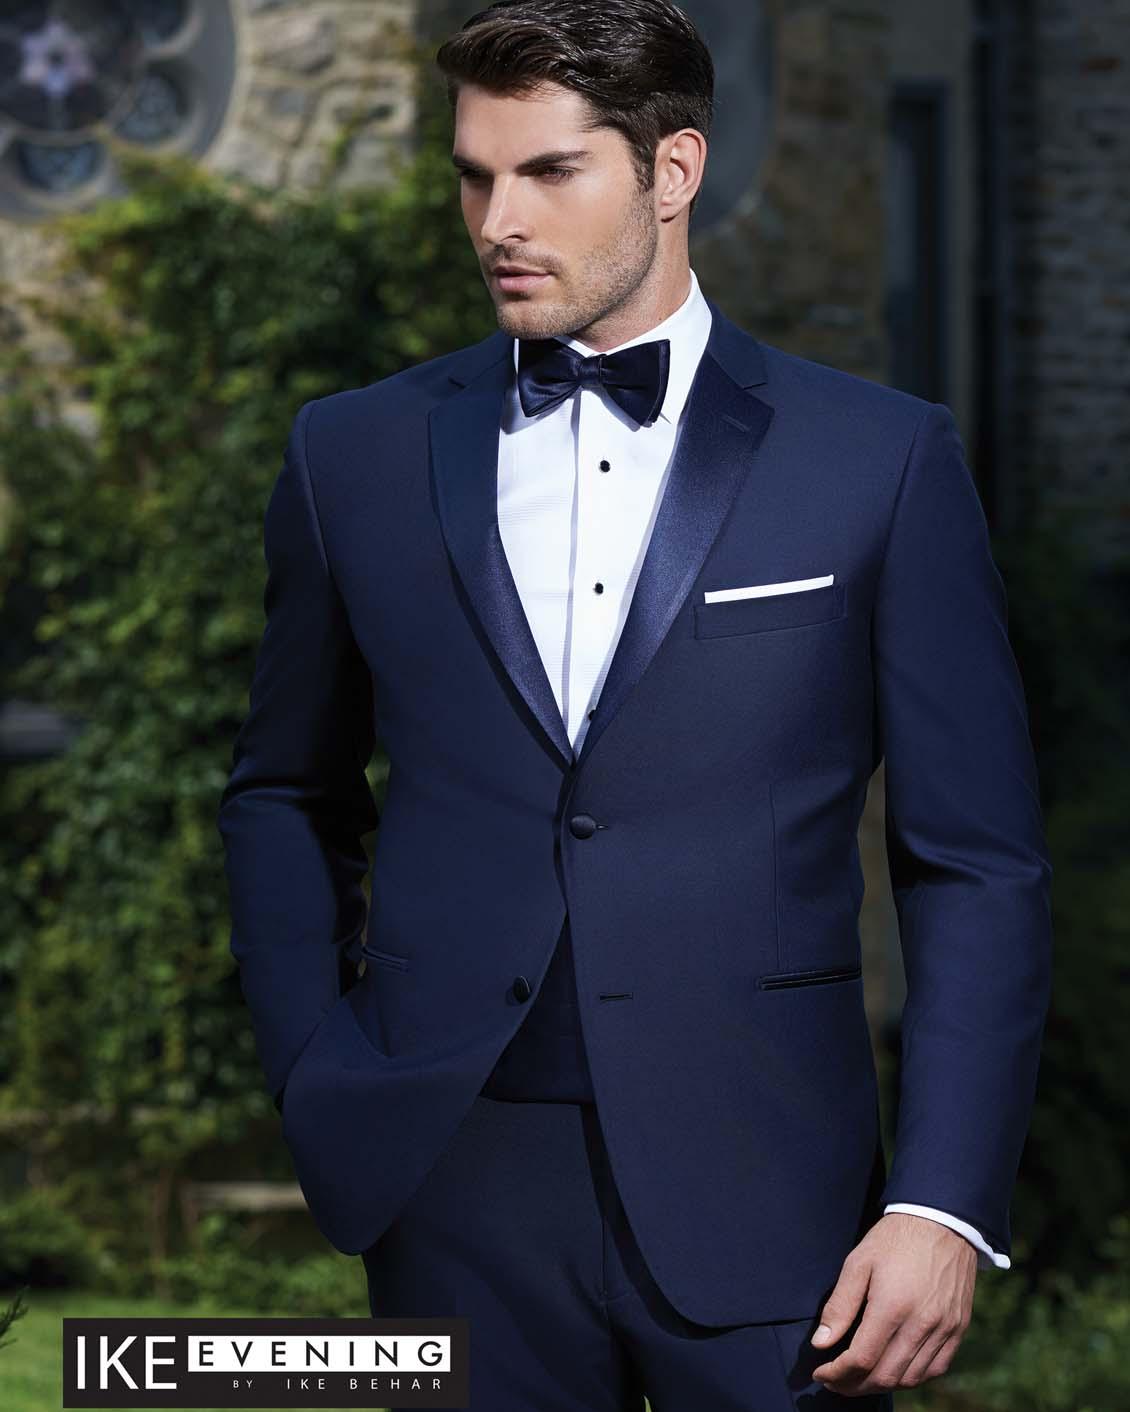 Tuxedo.ca - IKE EVENING SEBASTIAN Blue Tuxedo